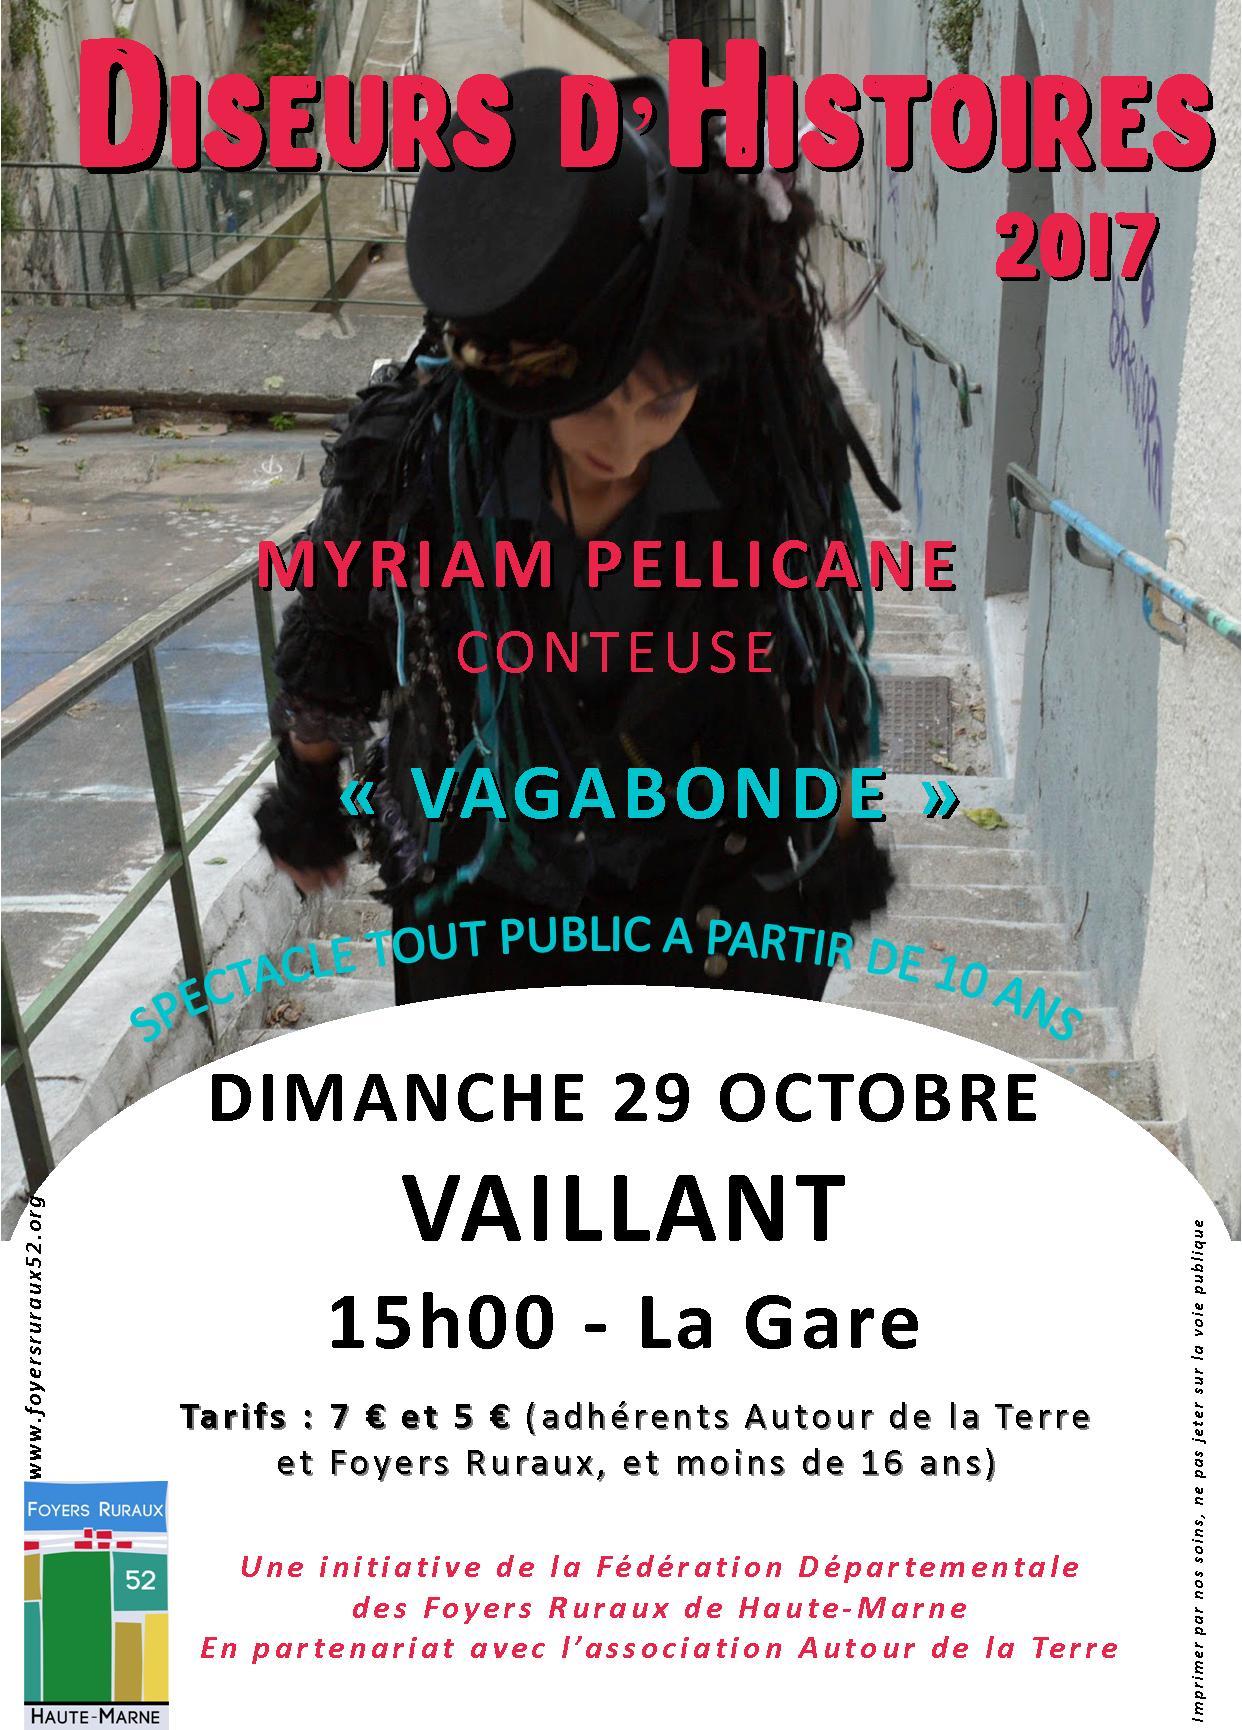 affiche_myriam_pellicane_vaillant_vagabonde